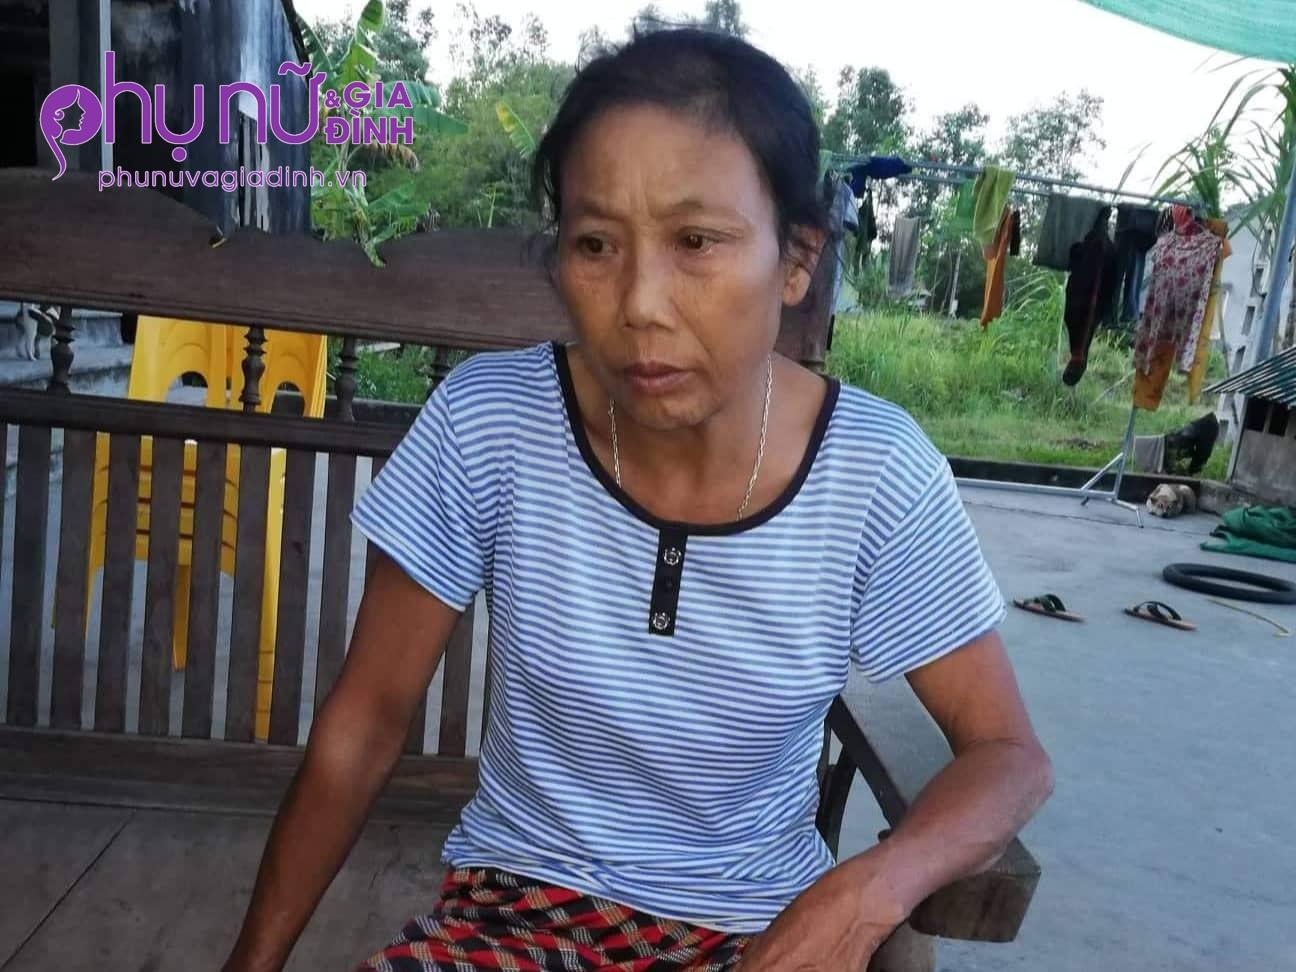 Cám cảnh người mẹ mắc bệnh suy thận nặng nguyện nhường sự sống cho con trai mắc bệnh hiểm nghèo - Ảnh 5